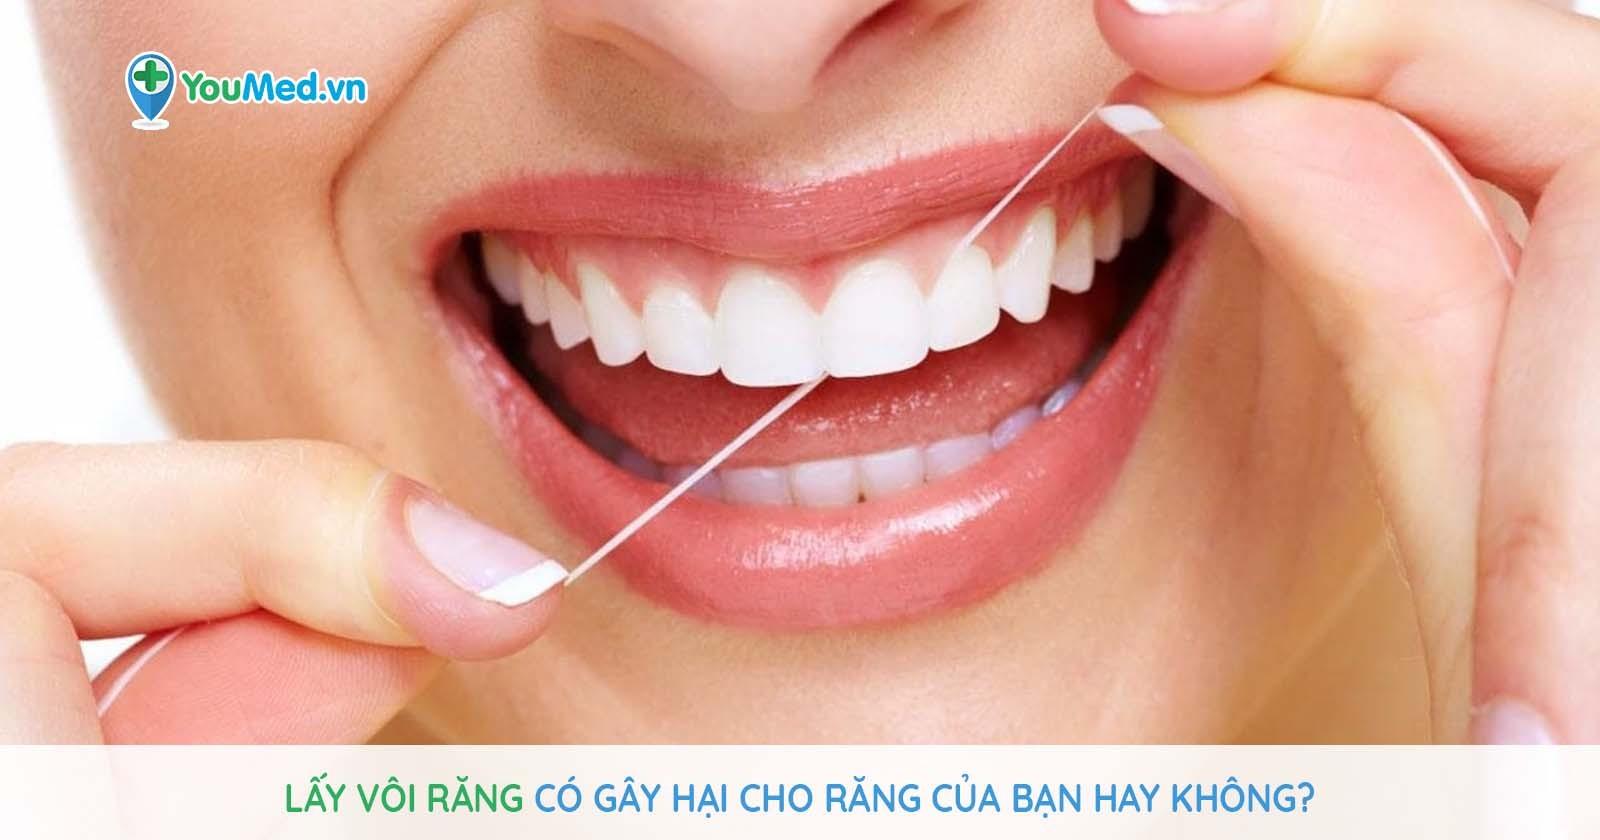 Lấy vôi răng có gây hại cho răng của bạn hay không?